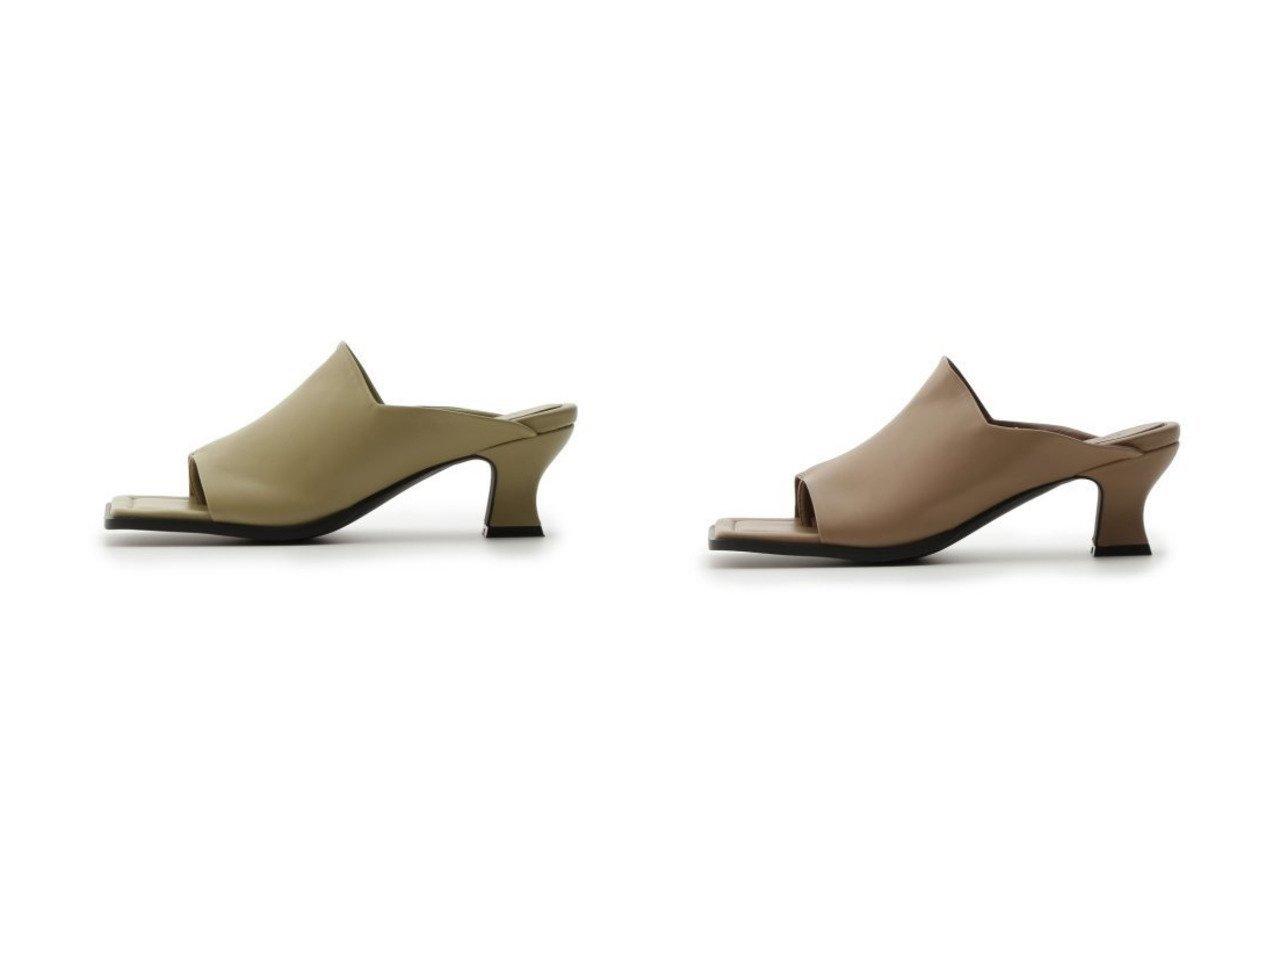 【Mila Owen/ミラオーウェン】のソフトトングミュールサンダル 【シューズ・靴】おすすめ!人気、トレンド・レディースファッションの通販 おすすめで人気の流行・トレンド、ファッションの通販商品 メンズファッション・キッズファッション・インテリア・家具・レディースファッション・服の通販 founy(ファニー) https://founy.com/ ファッション Fashion レディースファッション WOMEN オレンジ サンダル シューズ シンプル スマート フェイクレザー ミュール |ID:crp329100000036725